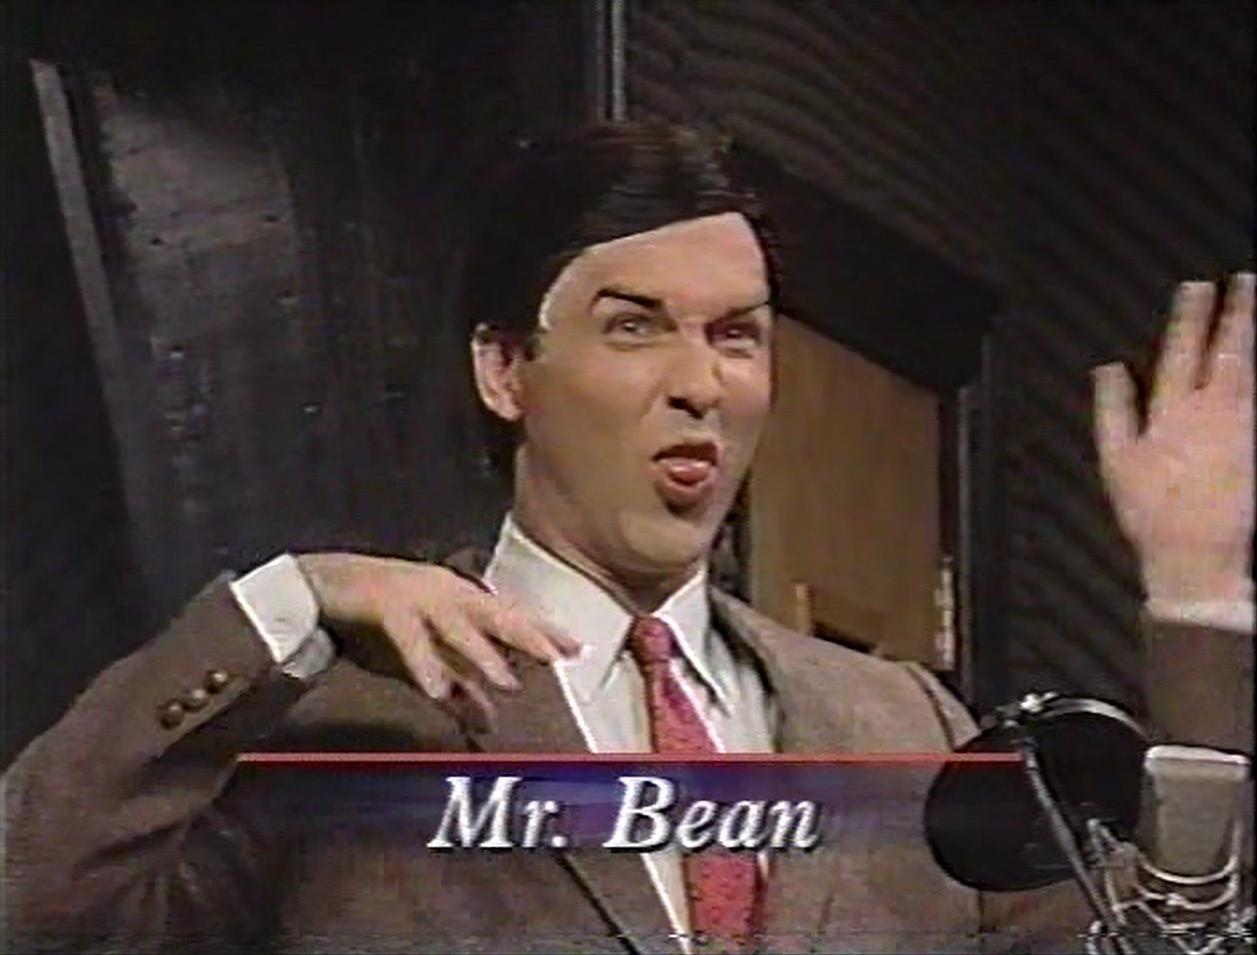 Rowan Atkinson Live - Fatal beatings - actor s hilarious